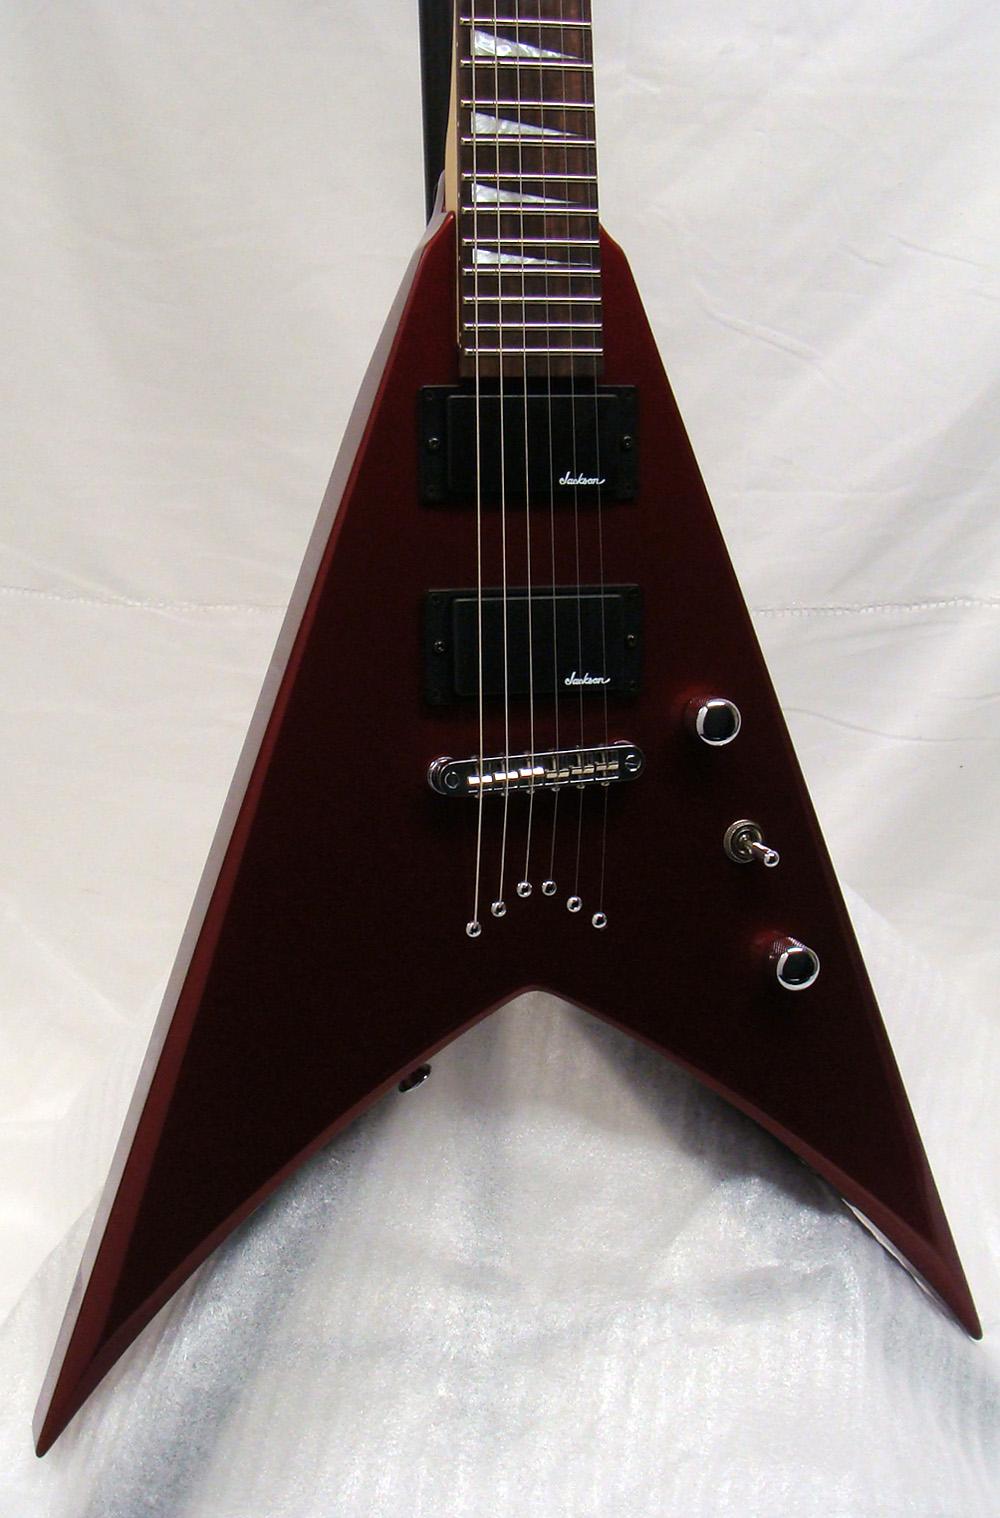 new jackson js32 king v electric guitar inferno red w gig bag ebay. Black Bedroom Furniture Sets. Home Design Ideas